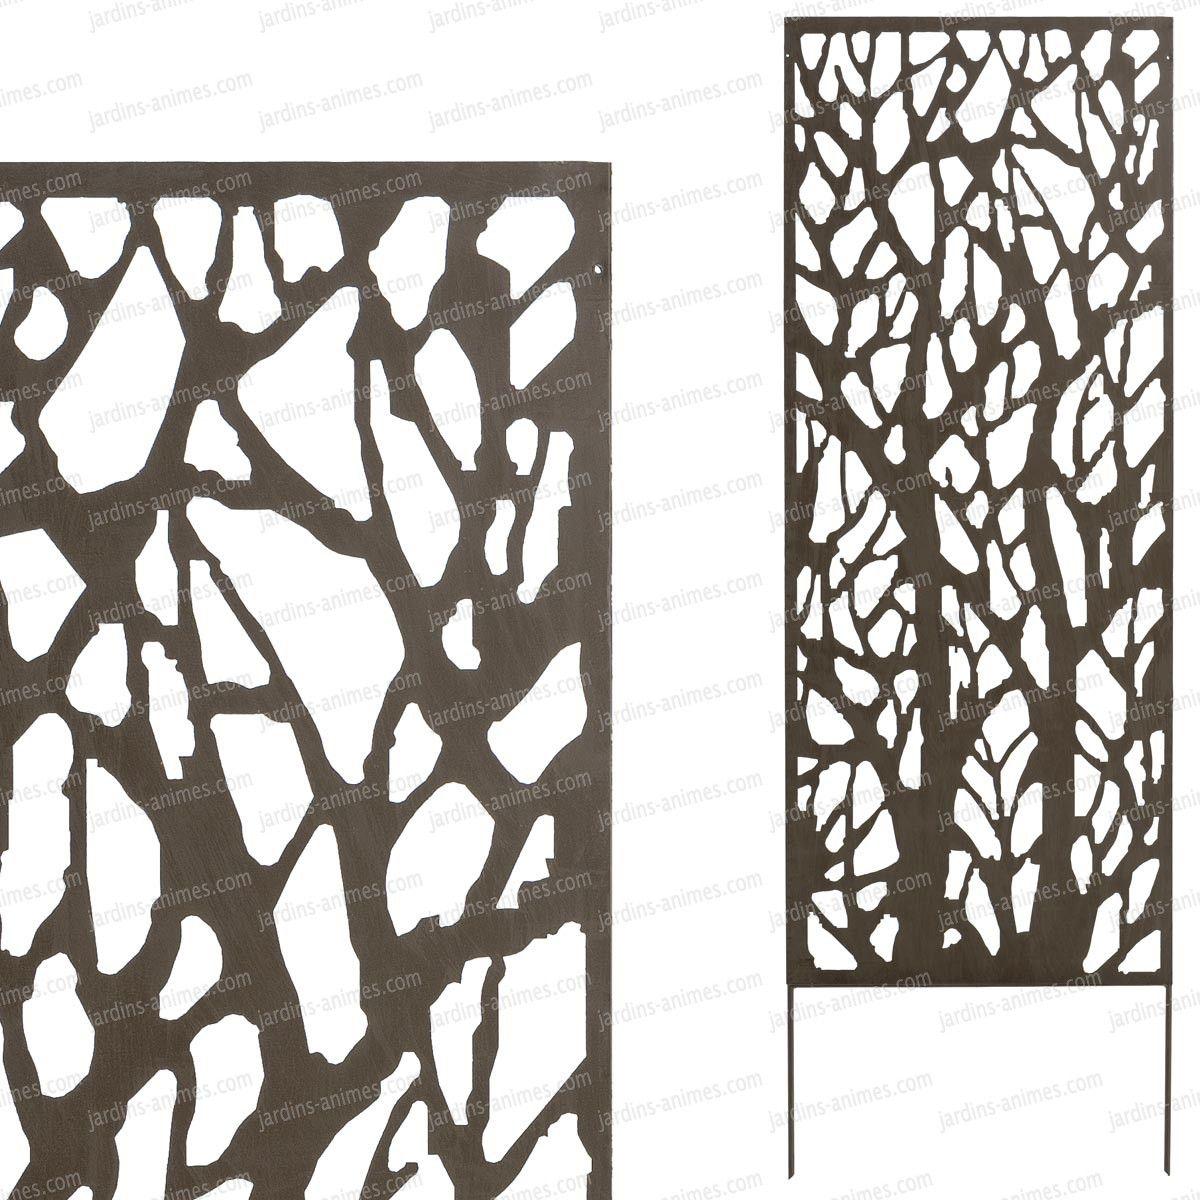 Panneau décoratif BRANCHES 0.6m x 1.5m métal | TRAVAUX | Pinterest ...